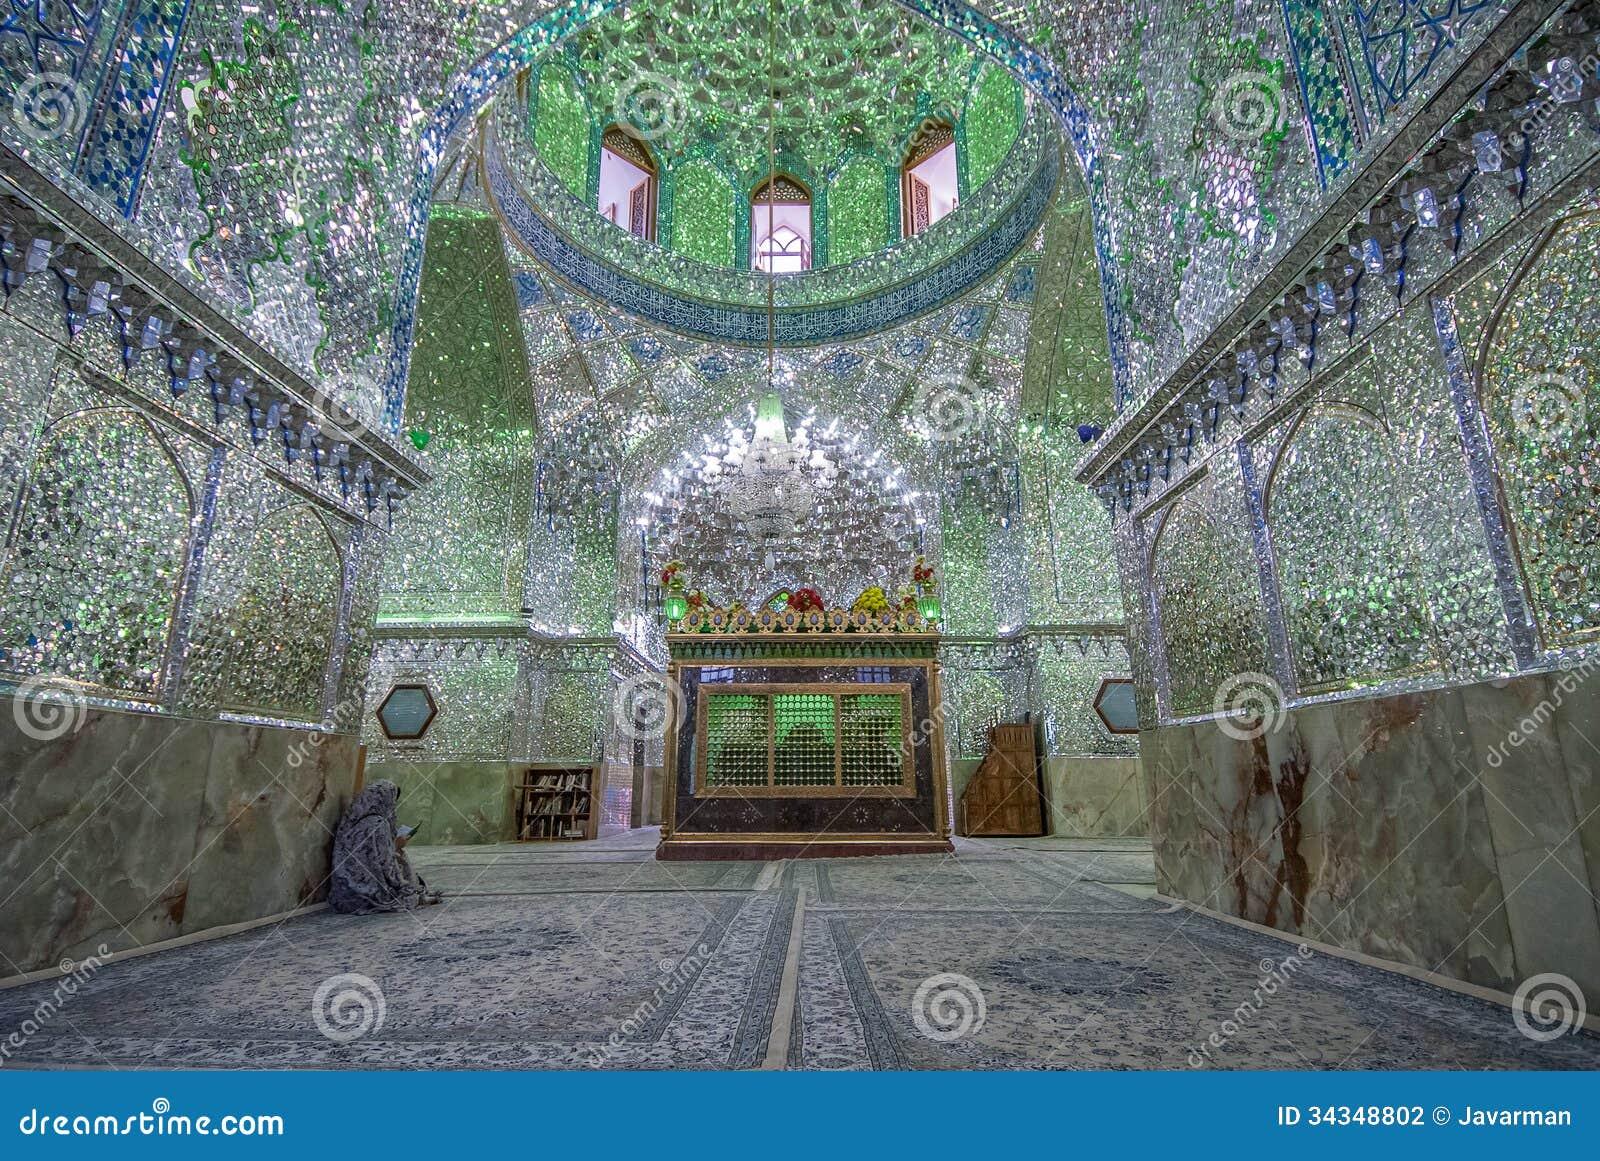 Mirrored Interior Of Ali Ibn Hamza Shrine In Shiraz, Iran ...